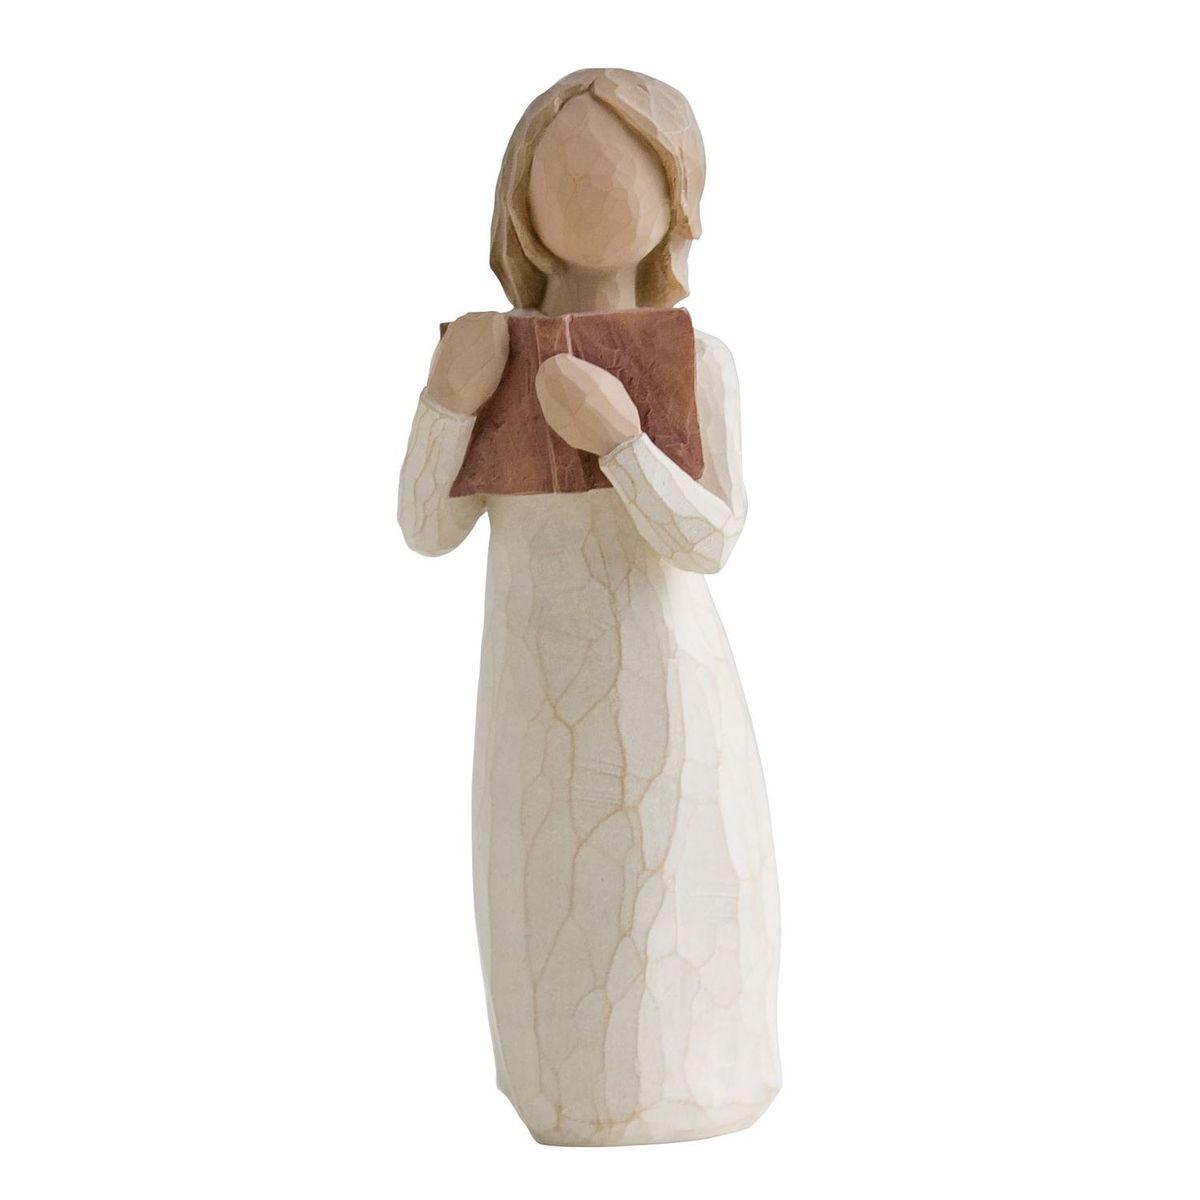 Фигурка Willow Tree Любовь к учебе, 7 см26165Эти прекрасные статуэтки созданы канадским скульптором Сьюзан Лорди. Каждая фигурка – это настоящее произведение искусства, образная скульптура в миниатюре, изображающая эмоции и чувства, которые помогают нам чувствовать себя ближе к другим, верить в мечту, выражать любовь. Каждая фигурка помещена в красивую упаковку. Купить такой оригинальный подарок, значит не только украсить интерьер помещения или жилой комнаты, но выразить свое глубокое отношение к любимому человеку. Этот прекрасный сувенир будет лучшим подарком на день ангела, именины, день рождения, юбилей. Материал: Искусственный камень (49% карбонат кальция мелкозернистой разновидности, 51% искусственный камень)